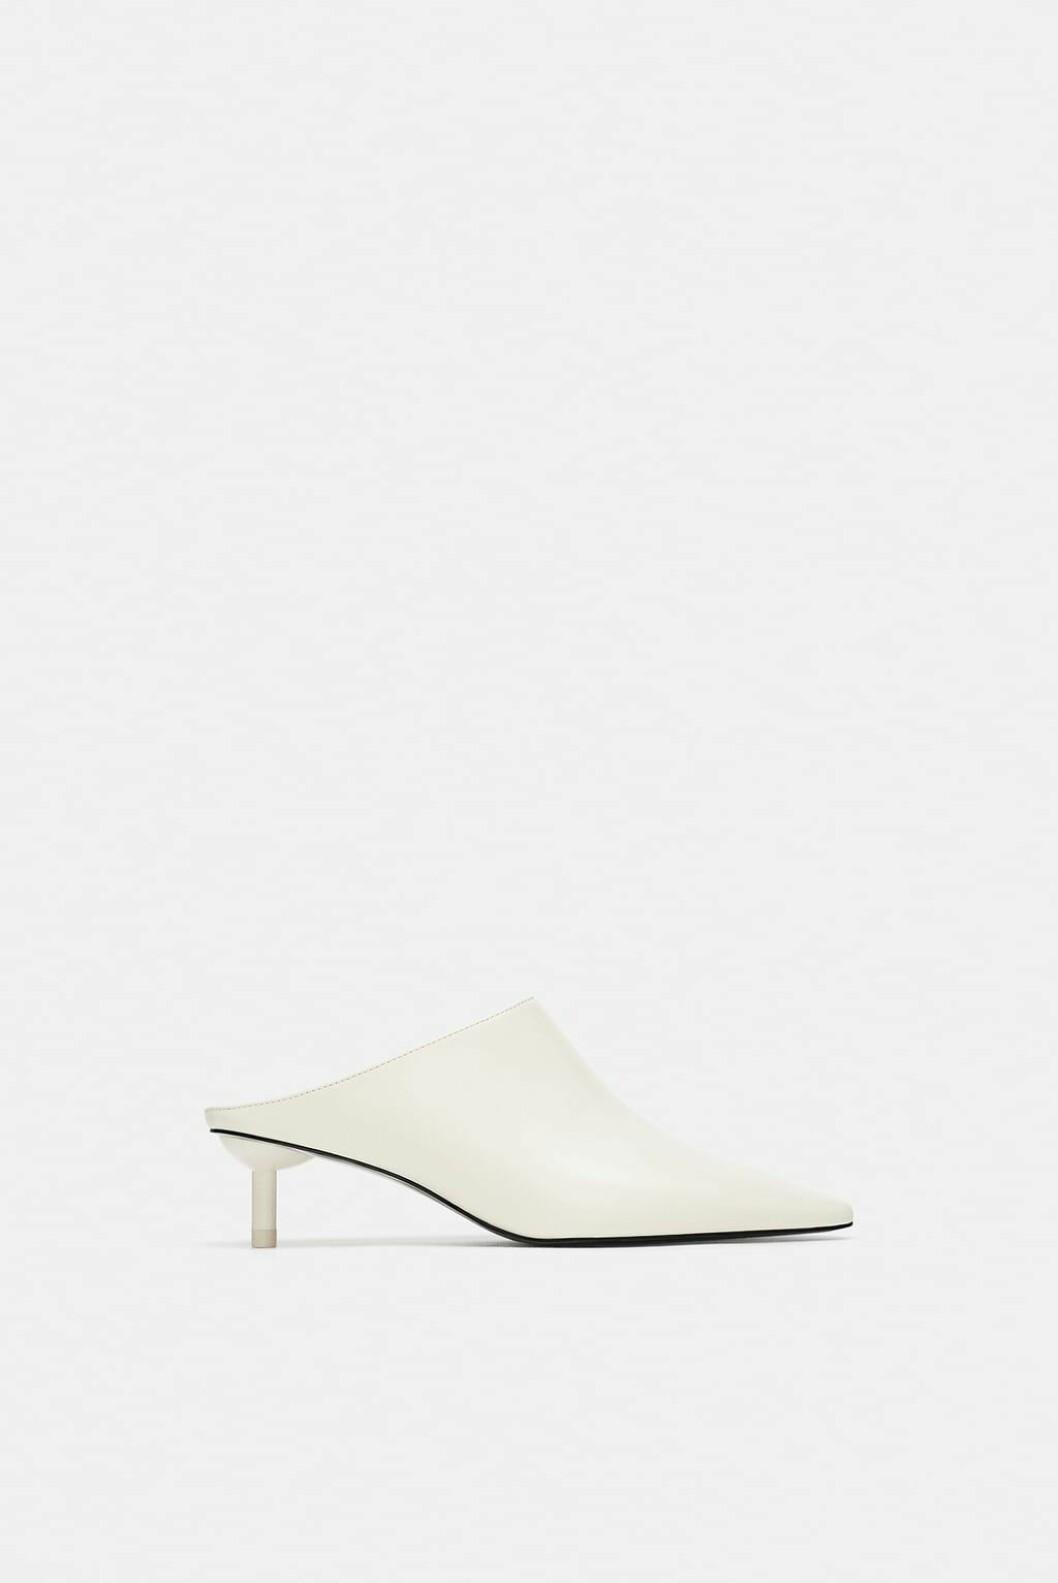 <strong>Hvite sko fra Zara |400,-| https:</strong>//www.zara.com/no/no/h%C3%B8yh%C3%A6lt-sko-med-%C3%A5pen-h%C3%A6l-og-vriststykke-p17204301.html?v1=6449247&v2=1177663